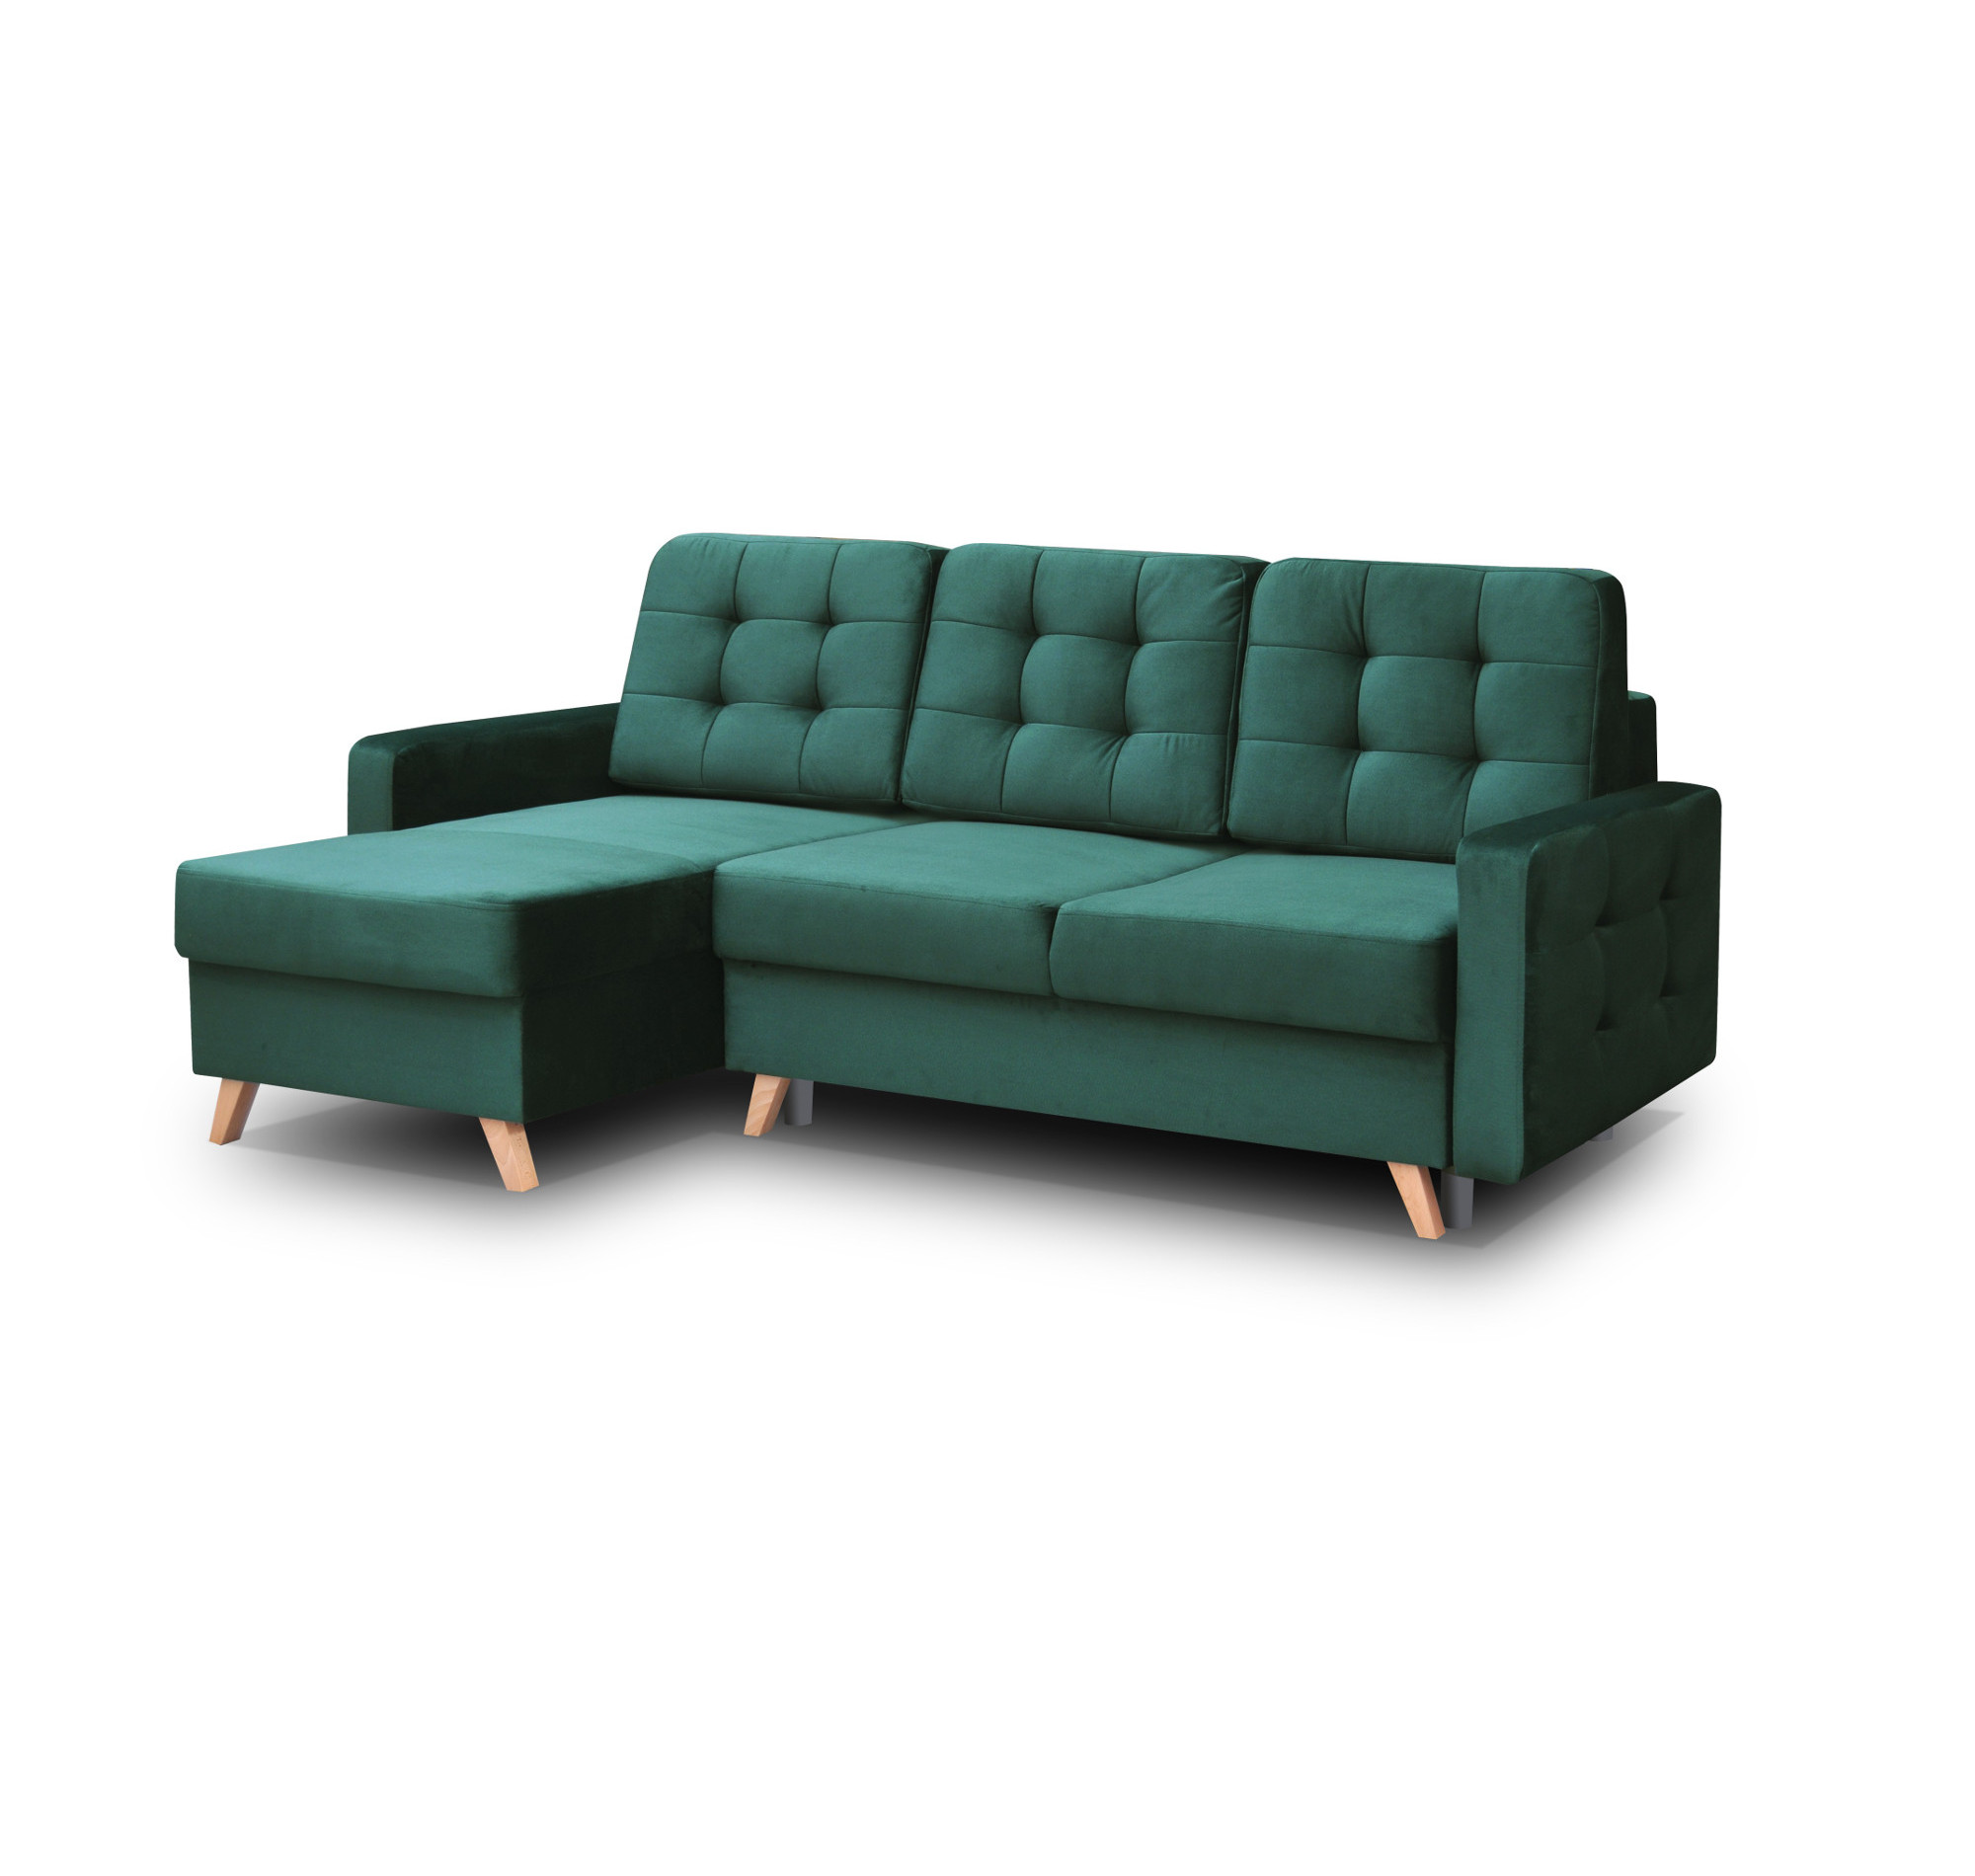 Moderne Ecksofa Couch Eckcouch mit Schlaffunktion Dunkelgrün Design Grün CARLA  eBay